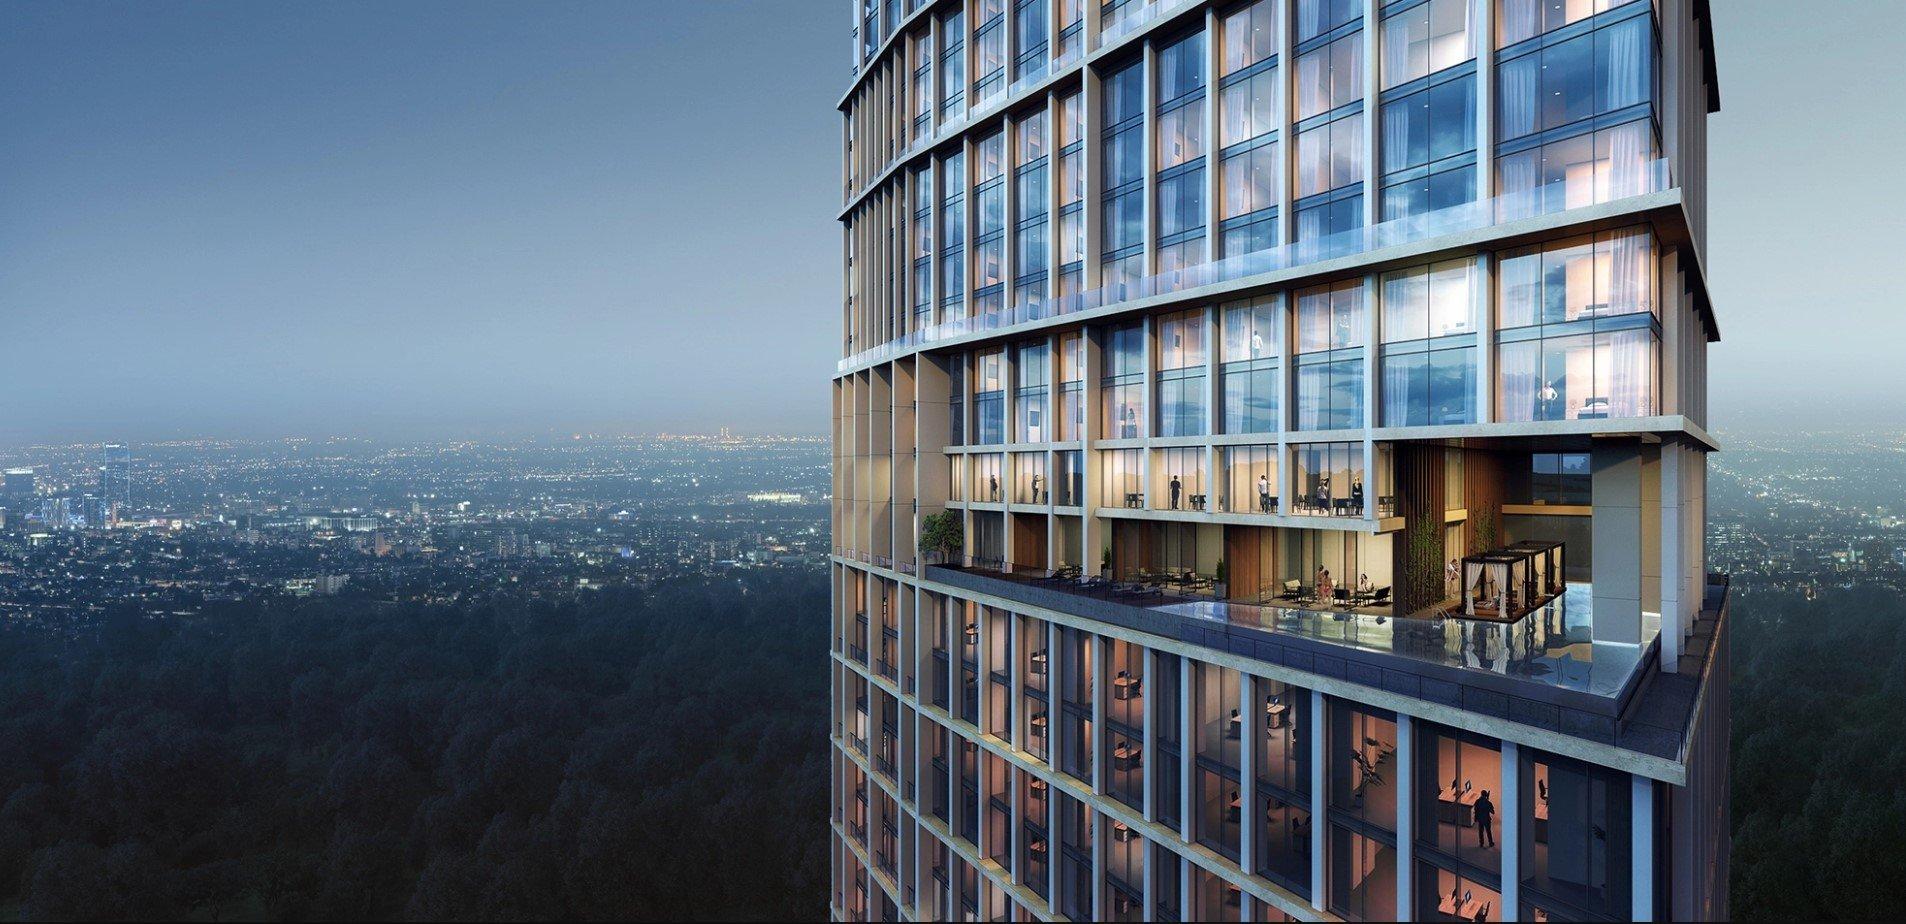 3D Visuals for Skyscraper Exterior